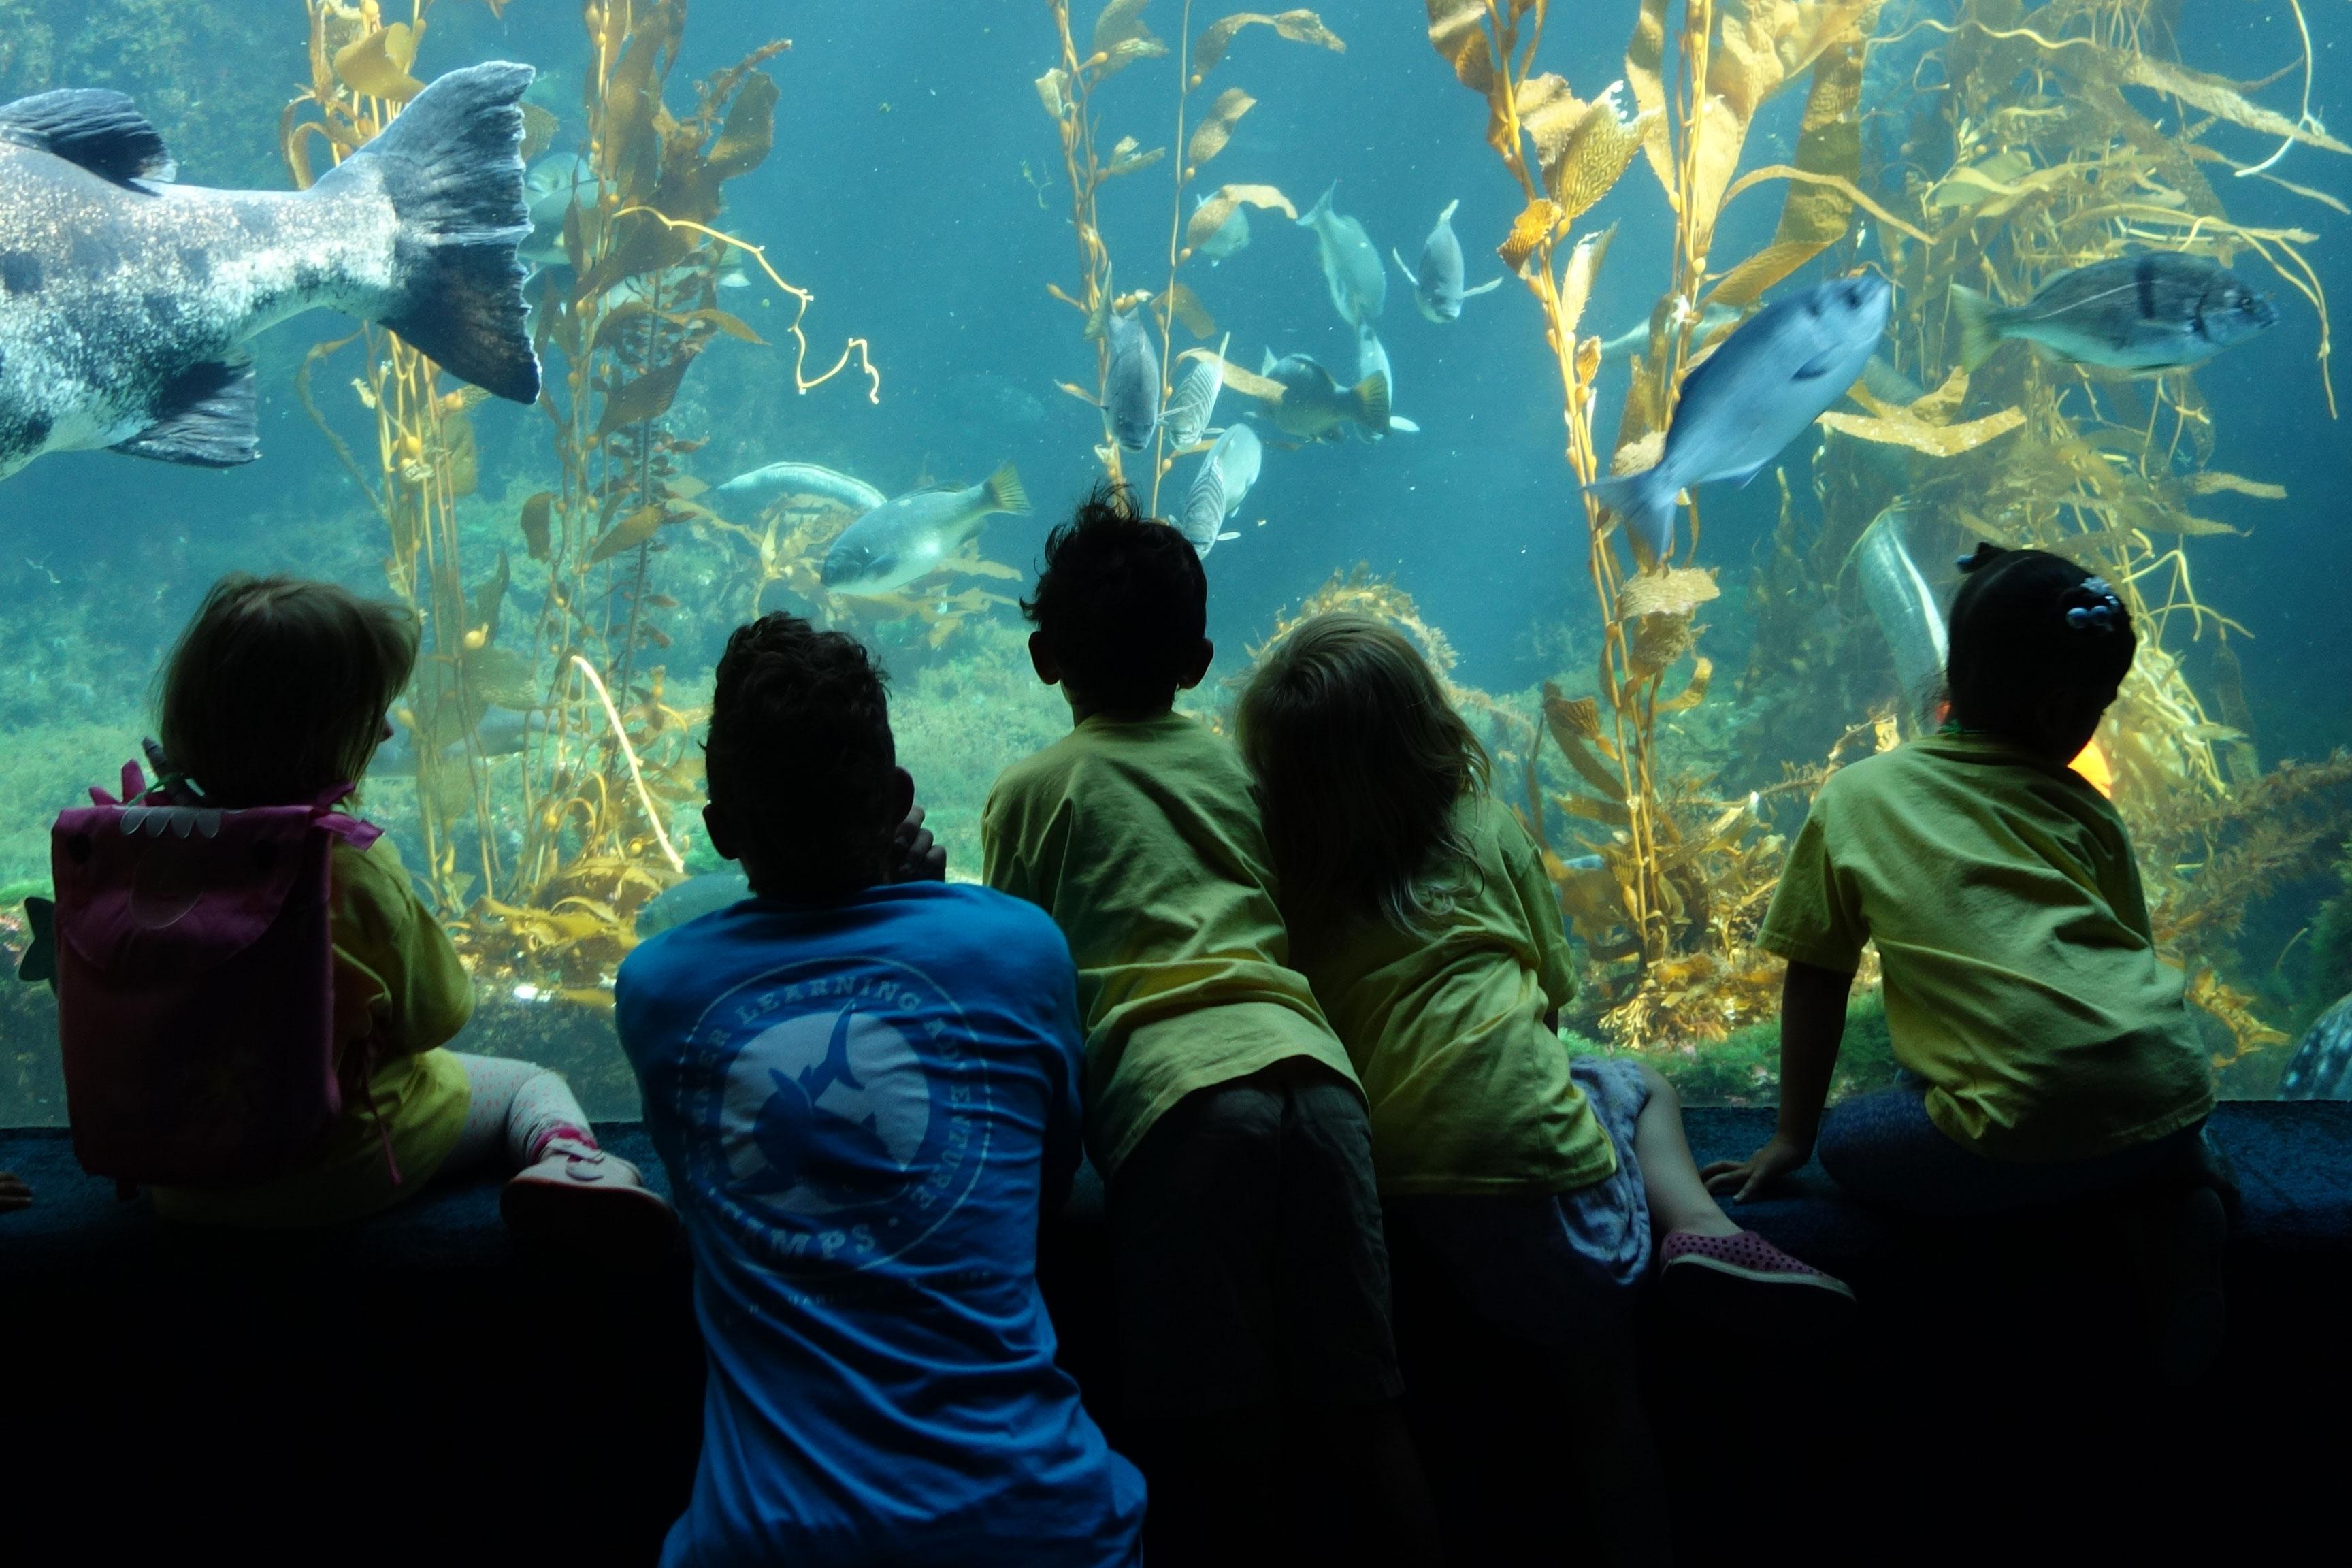 Children's Birthday Parties | Birch Aquarium at Scripps